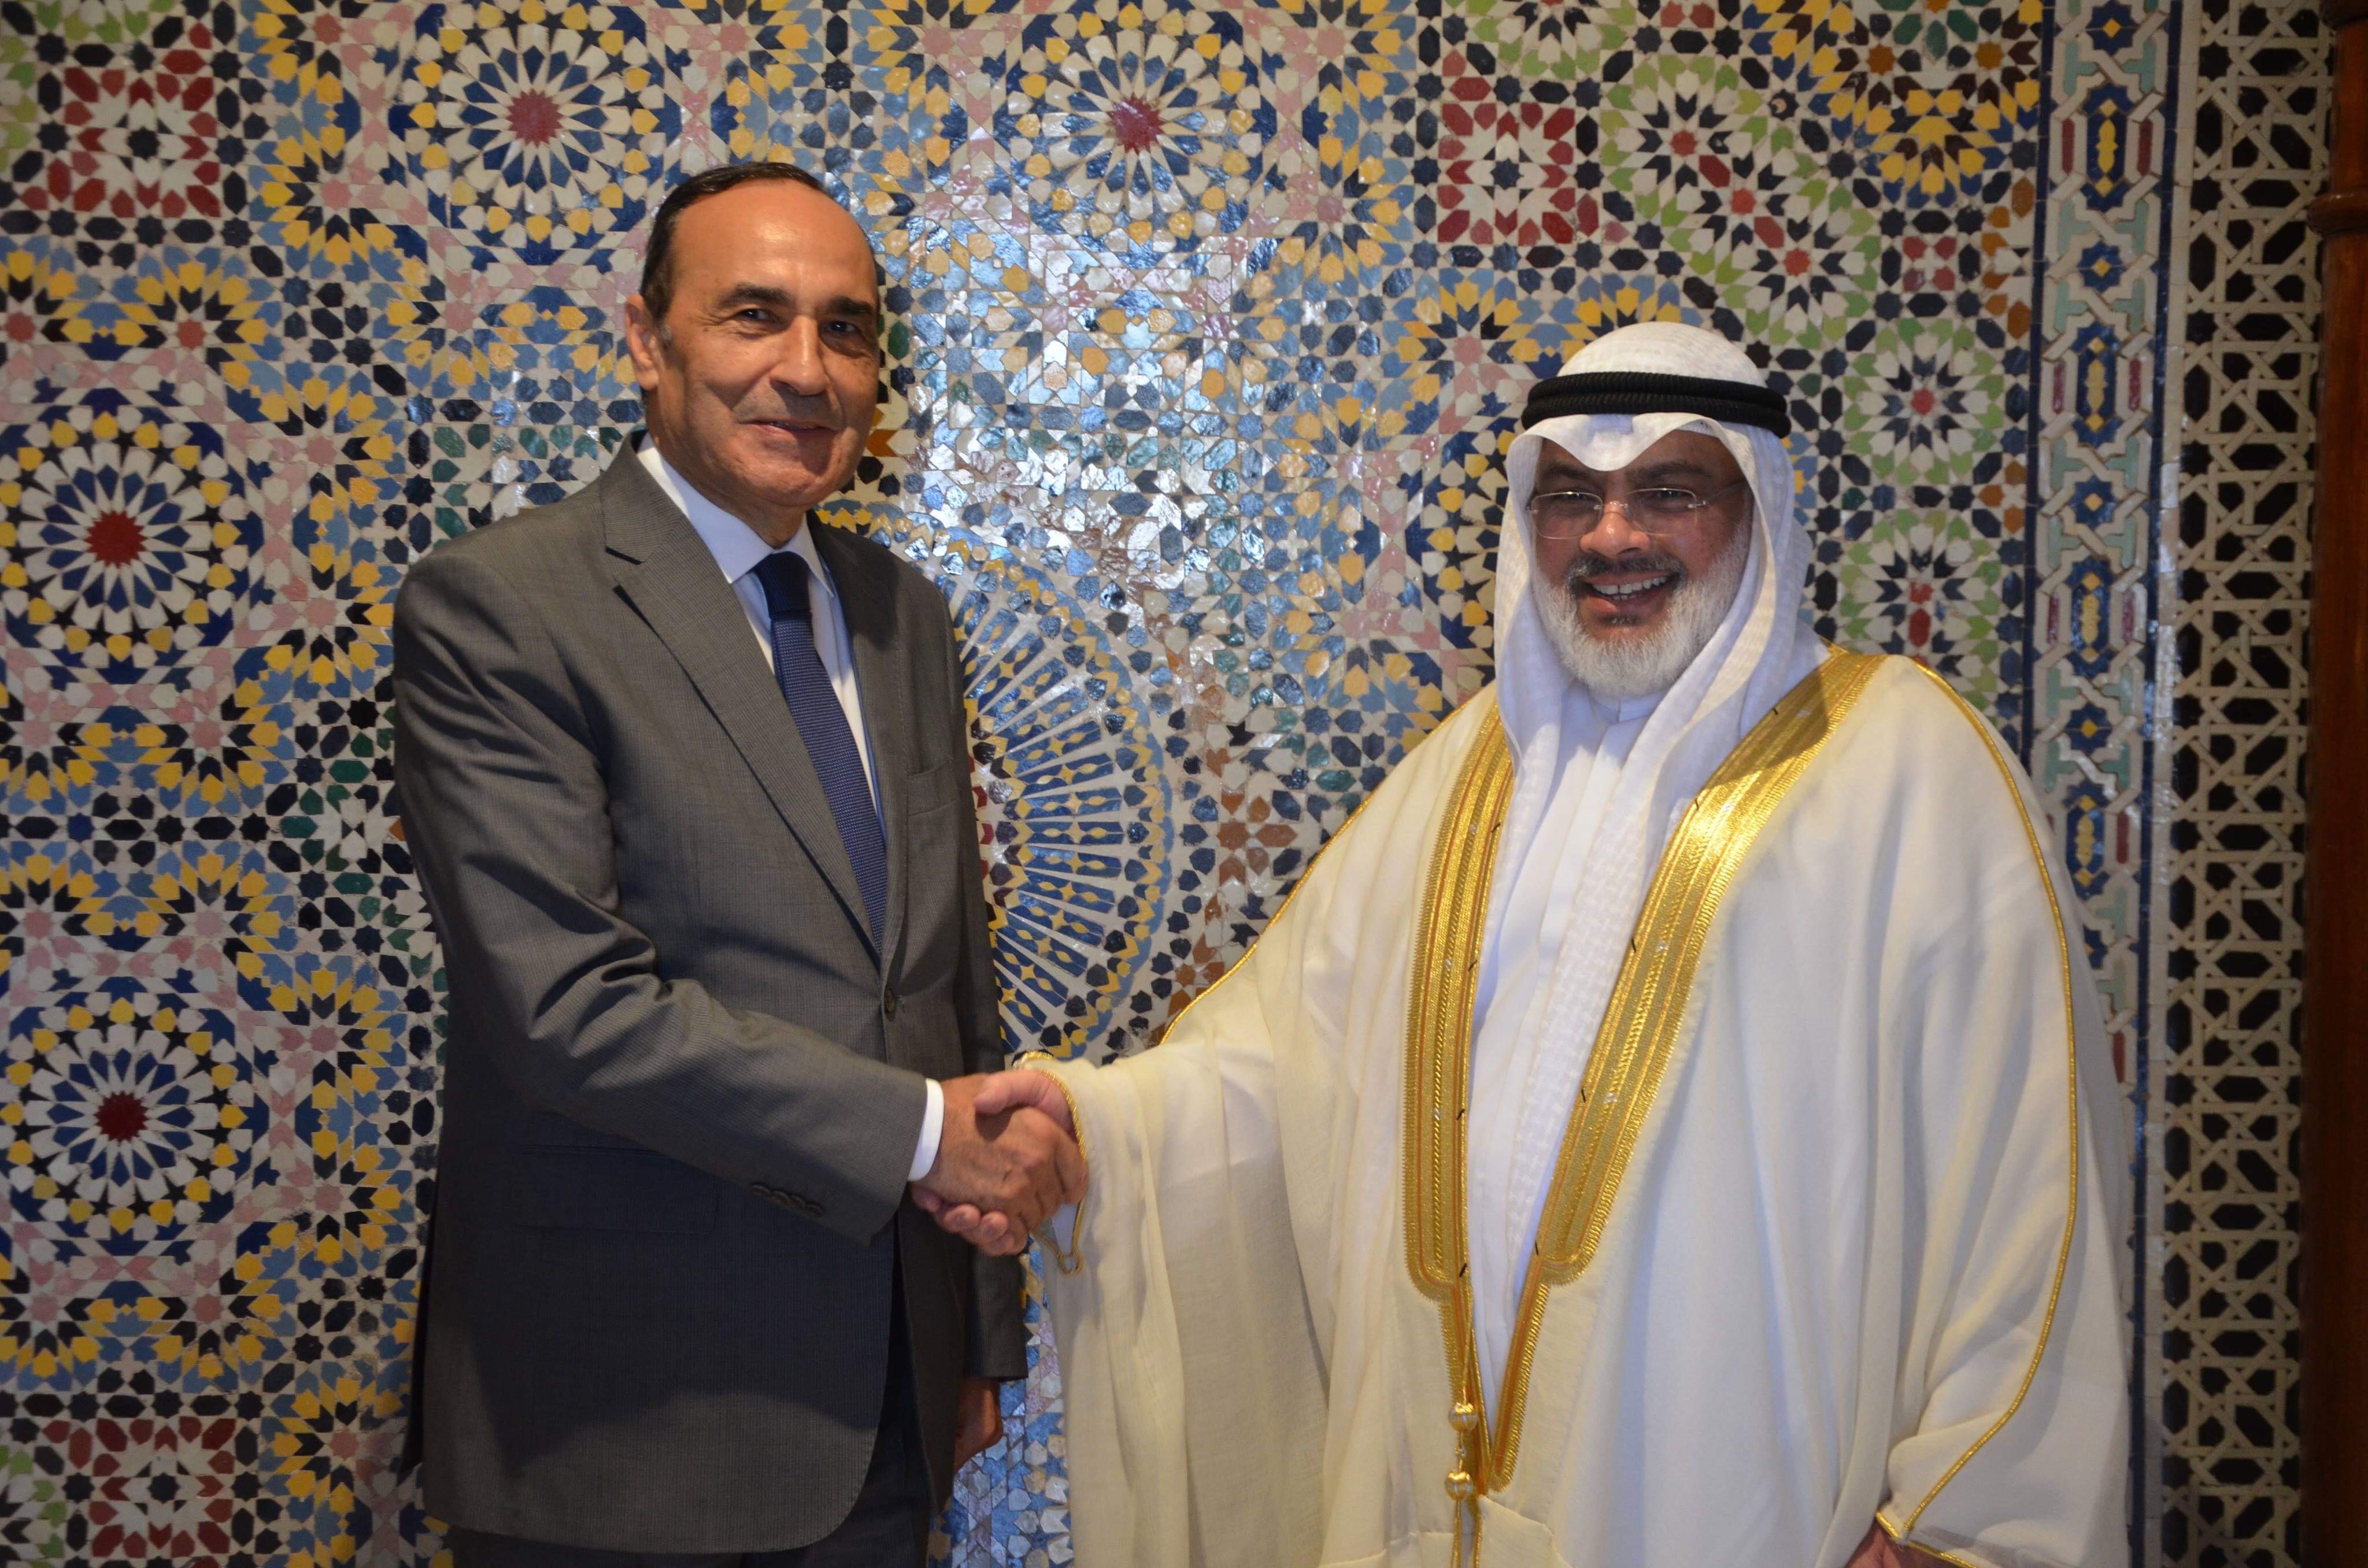 الكويت تثمن التعاون الثنائي مع المغرب وترحب بتوسيع التعاون البرلماني بين الجانبين